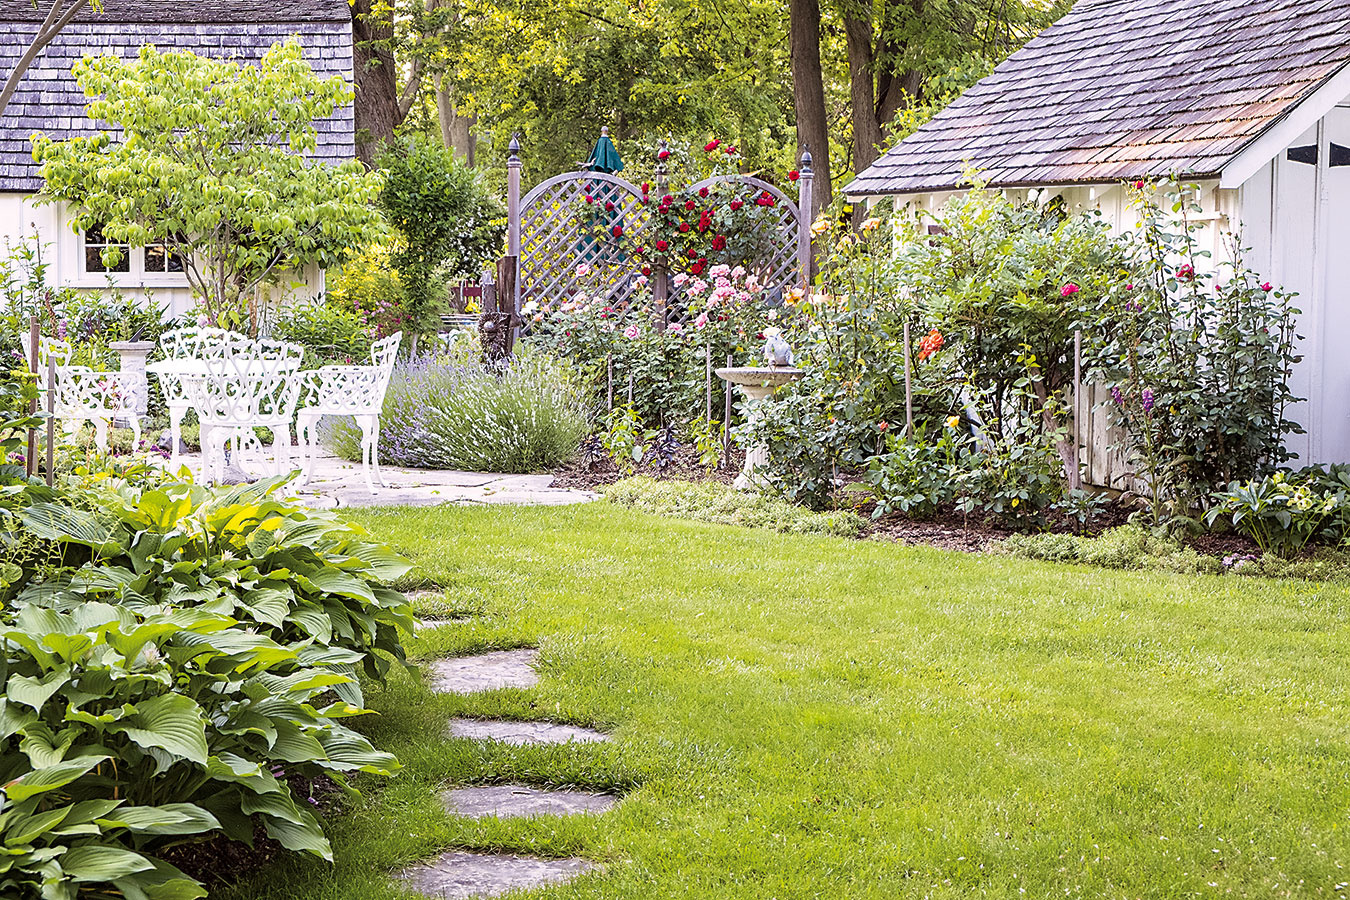 Praktické nášľapné platne umožnia pohodlné ošetrovanie okrasných rastlín vzáhonoch vtesnom susedstve trávnika. Vybrať si môžete zrôznych veľkostí, tvarov aj farieb. Výhodou je, že do konceptu záhrady dobre zapadajú. Budovať chodníček na takomto mieste je zbytočné.